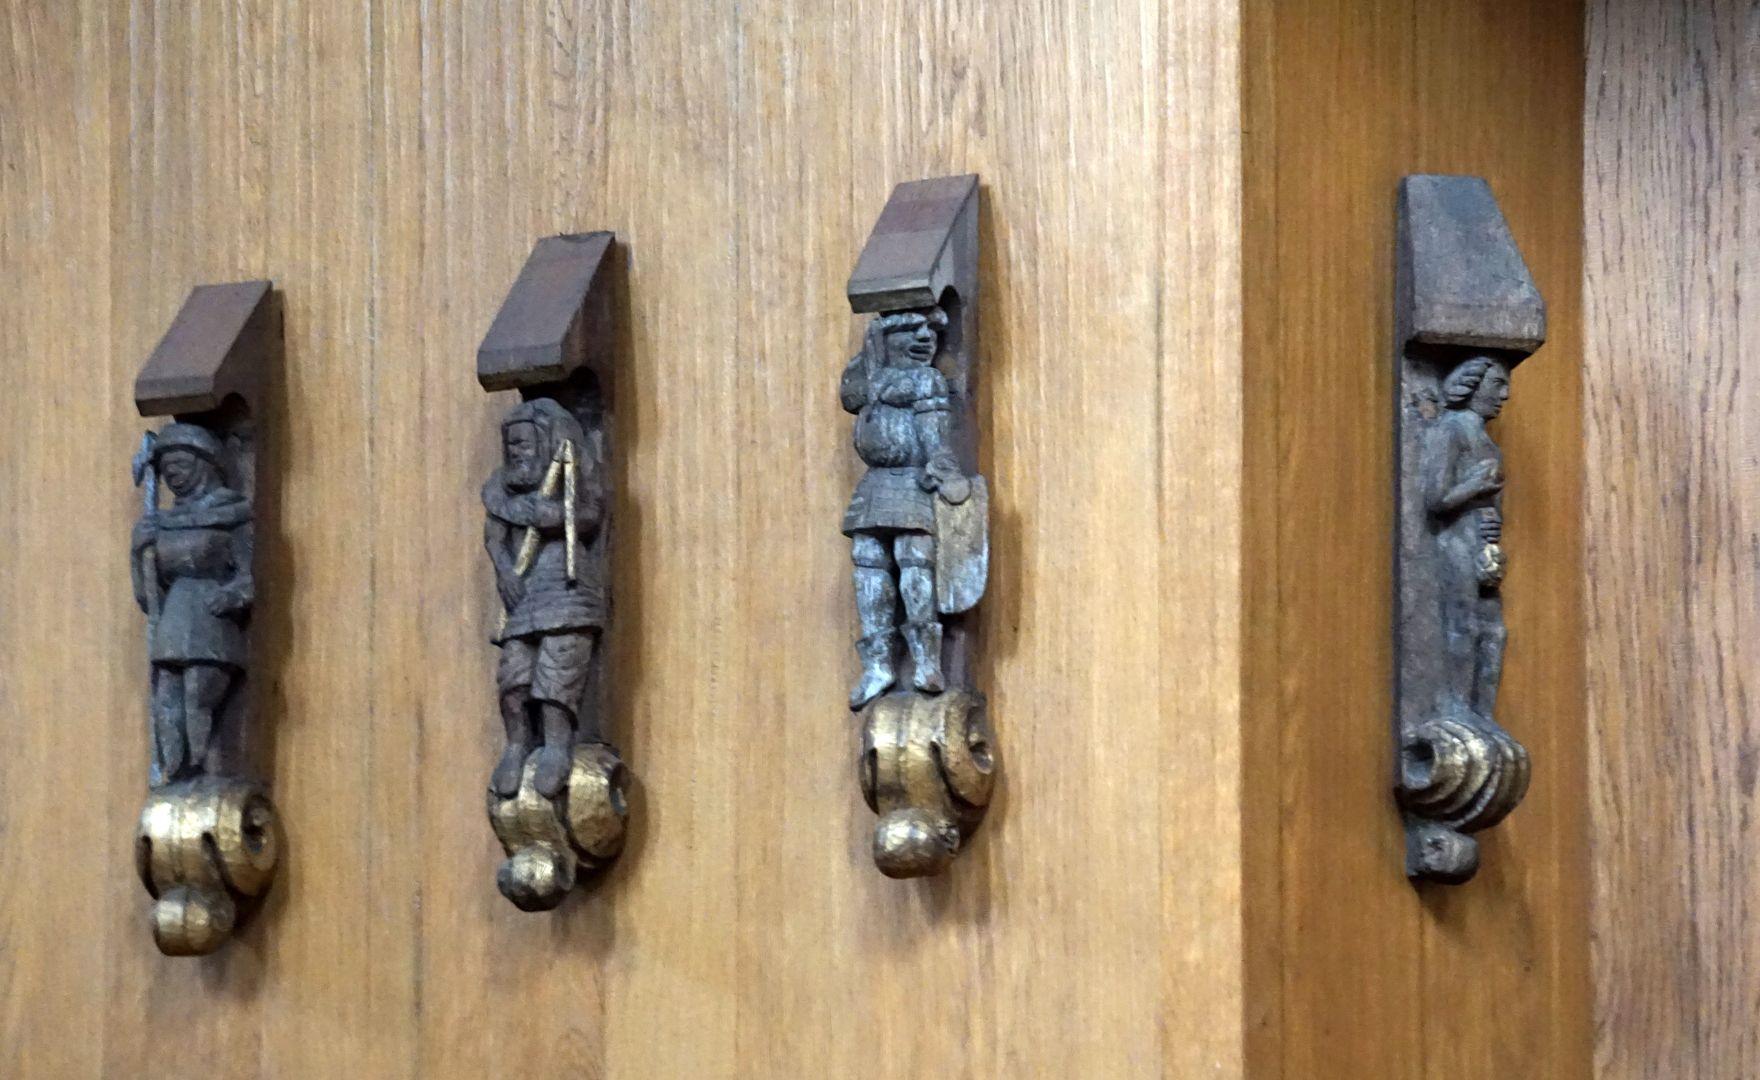 Traxdorfer Orgel Figuren der alten Orgel, links oberhalb des Spieltisches der neuen Orgel